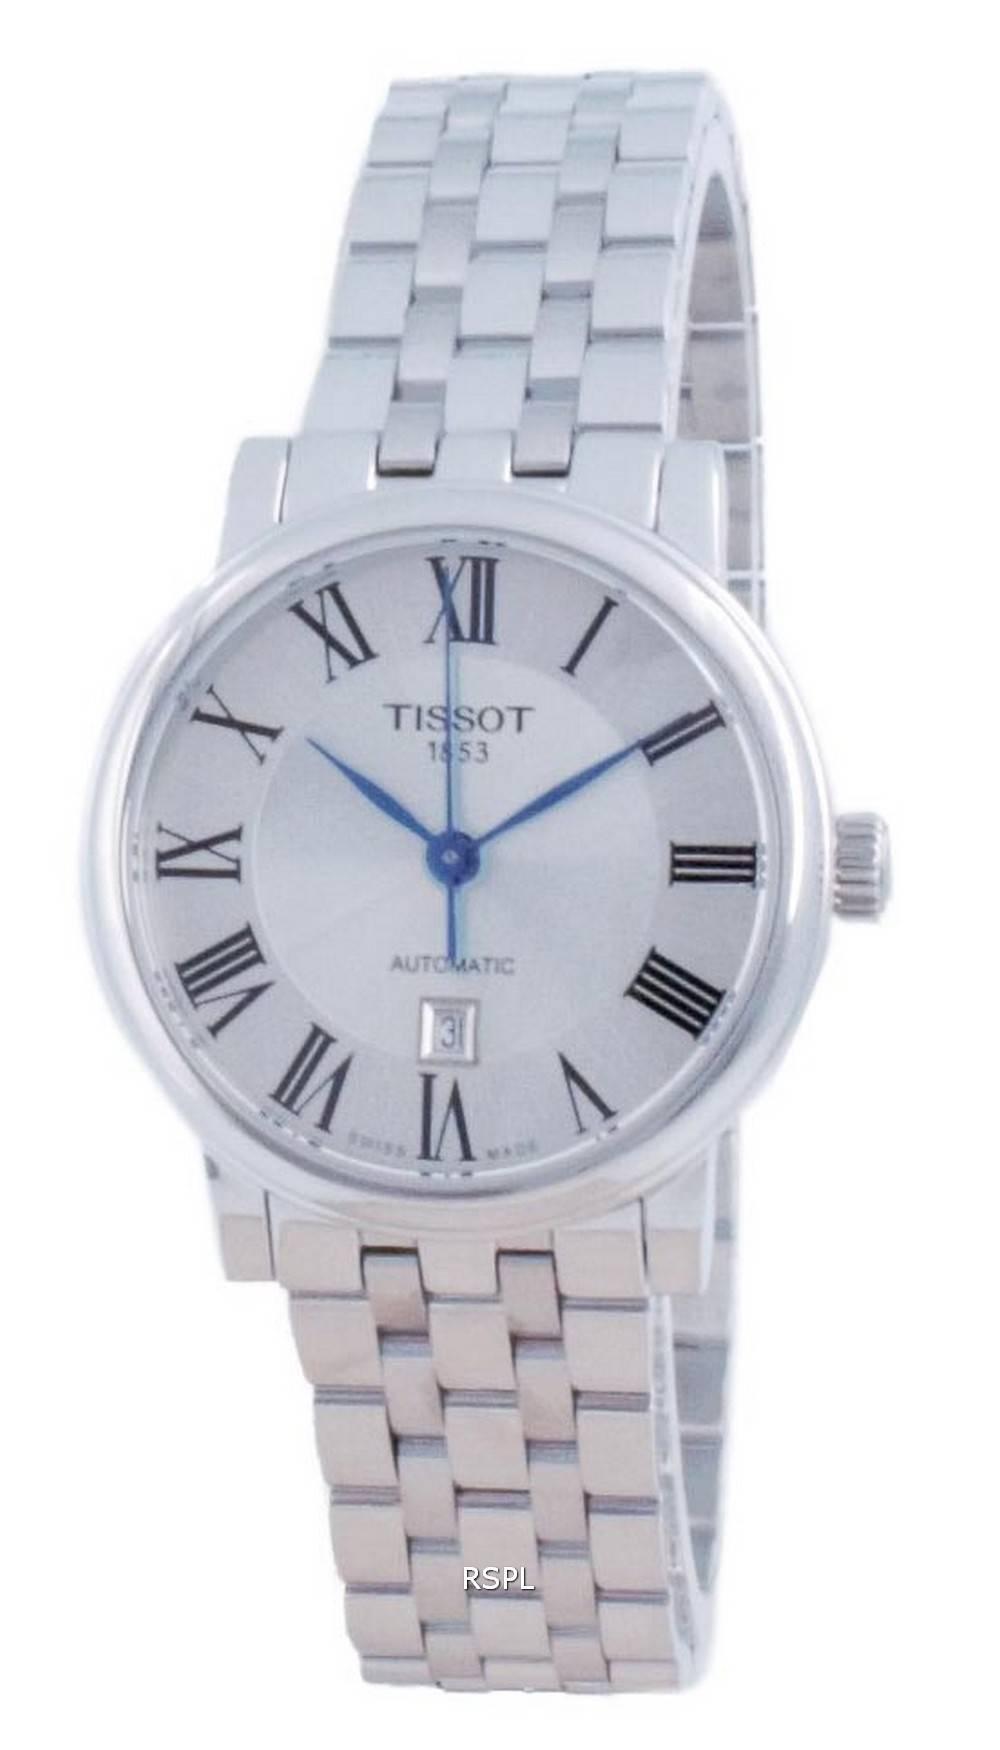 Tissot T-Classic Carson Premium automaattinen T122.207.11.033.00 T12220711033.00 naisten kello